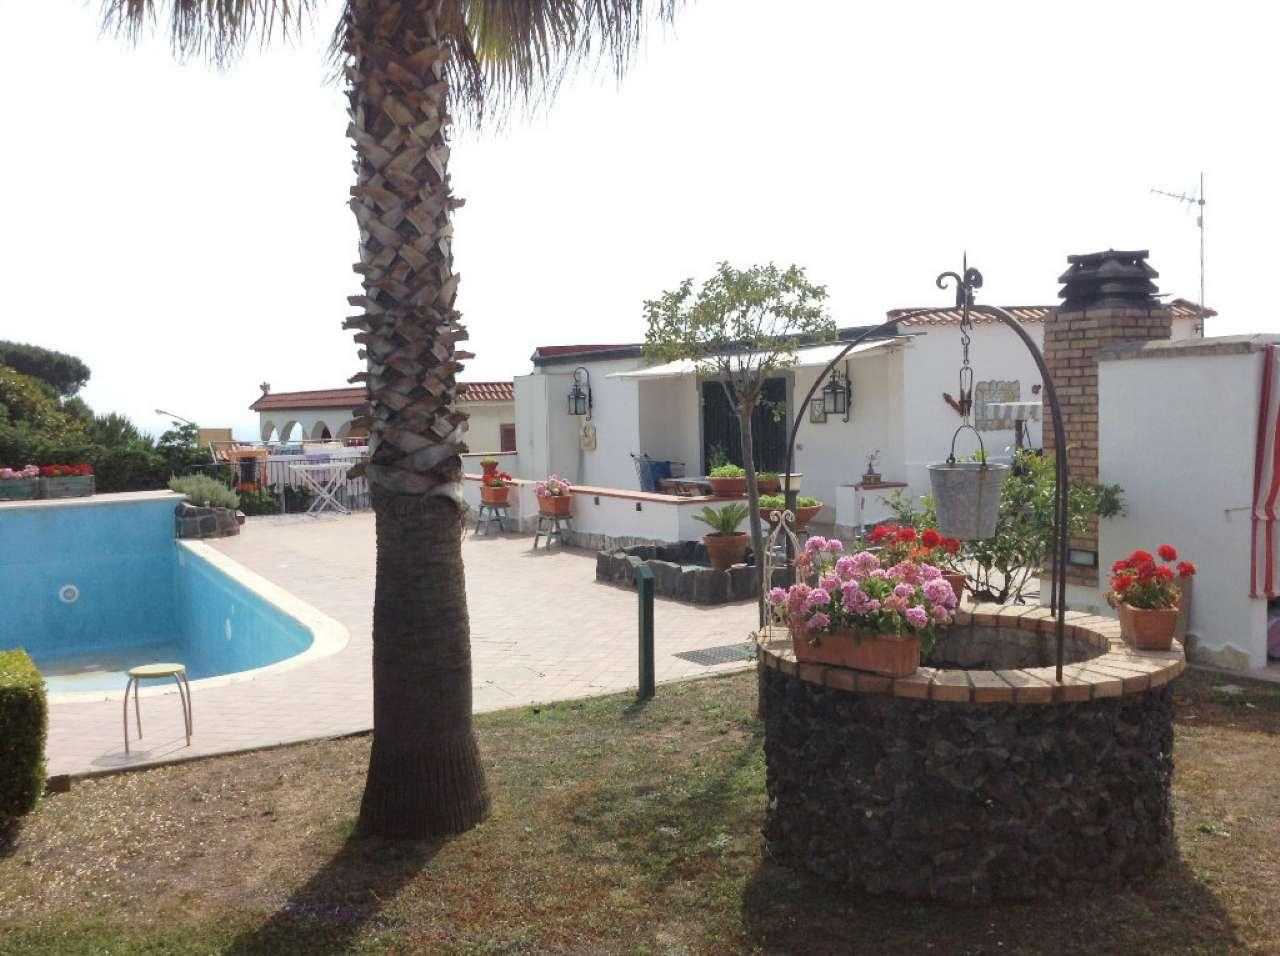 Villa in vendita a Torre del Greco, 4 locali, prezzo € 440.000 | CambioCasa.it